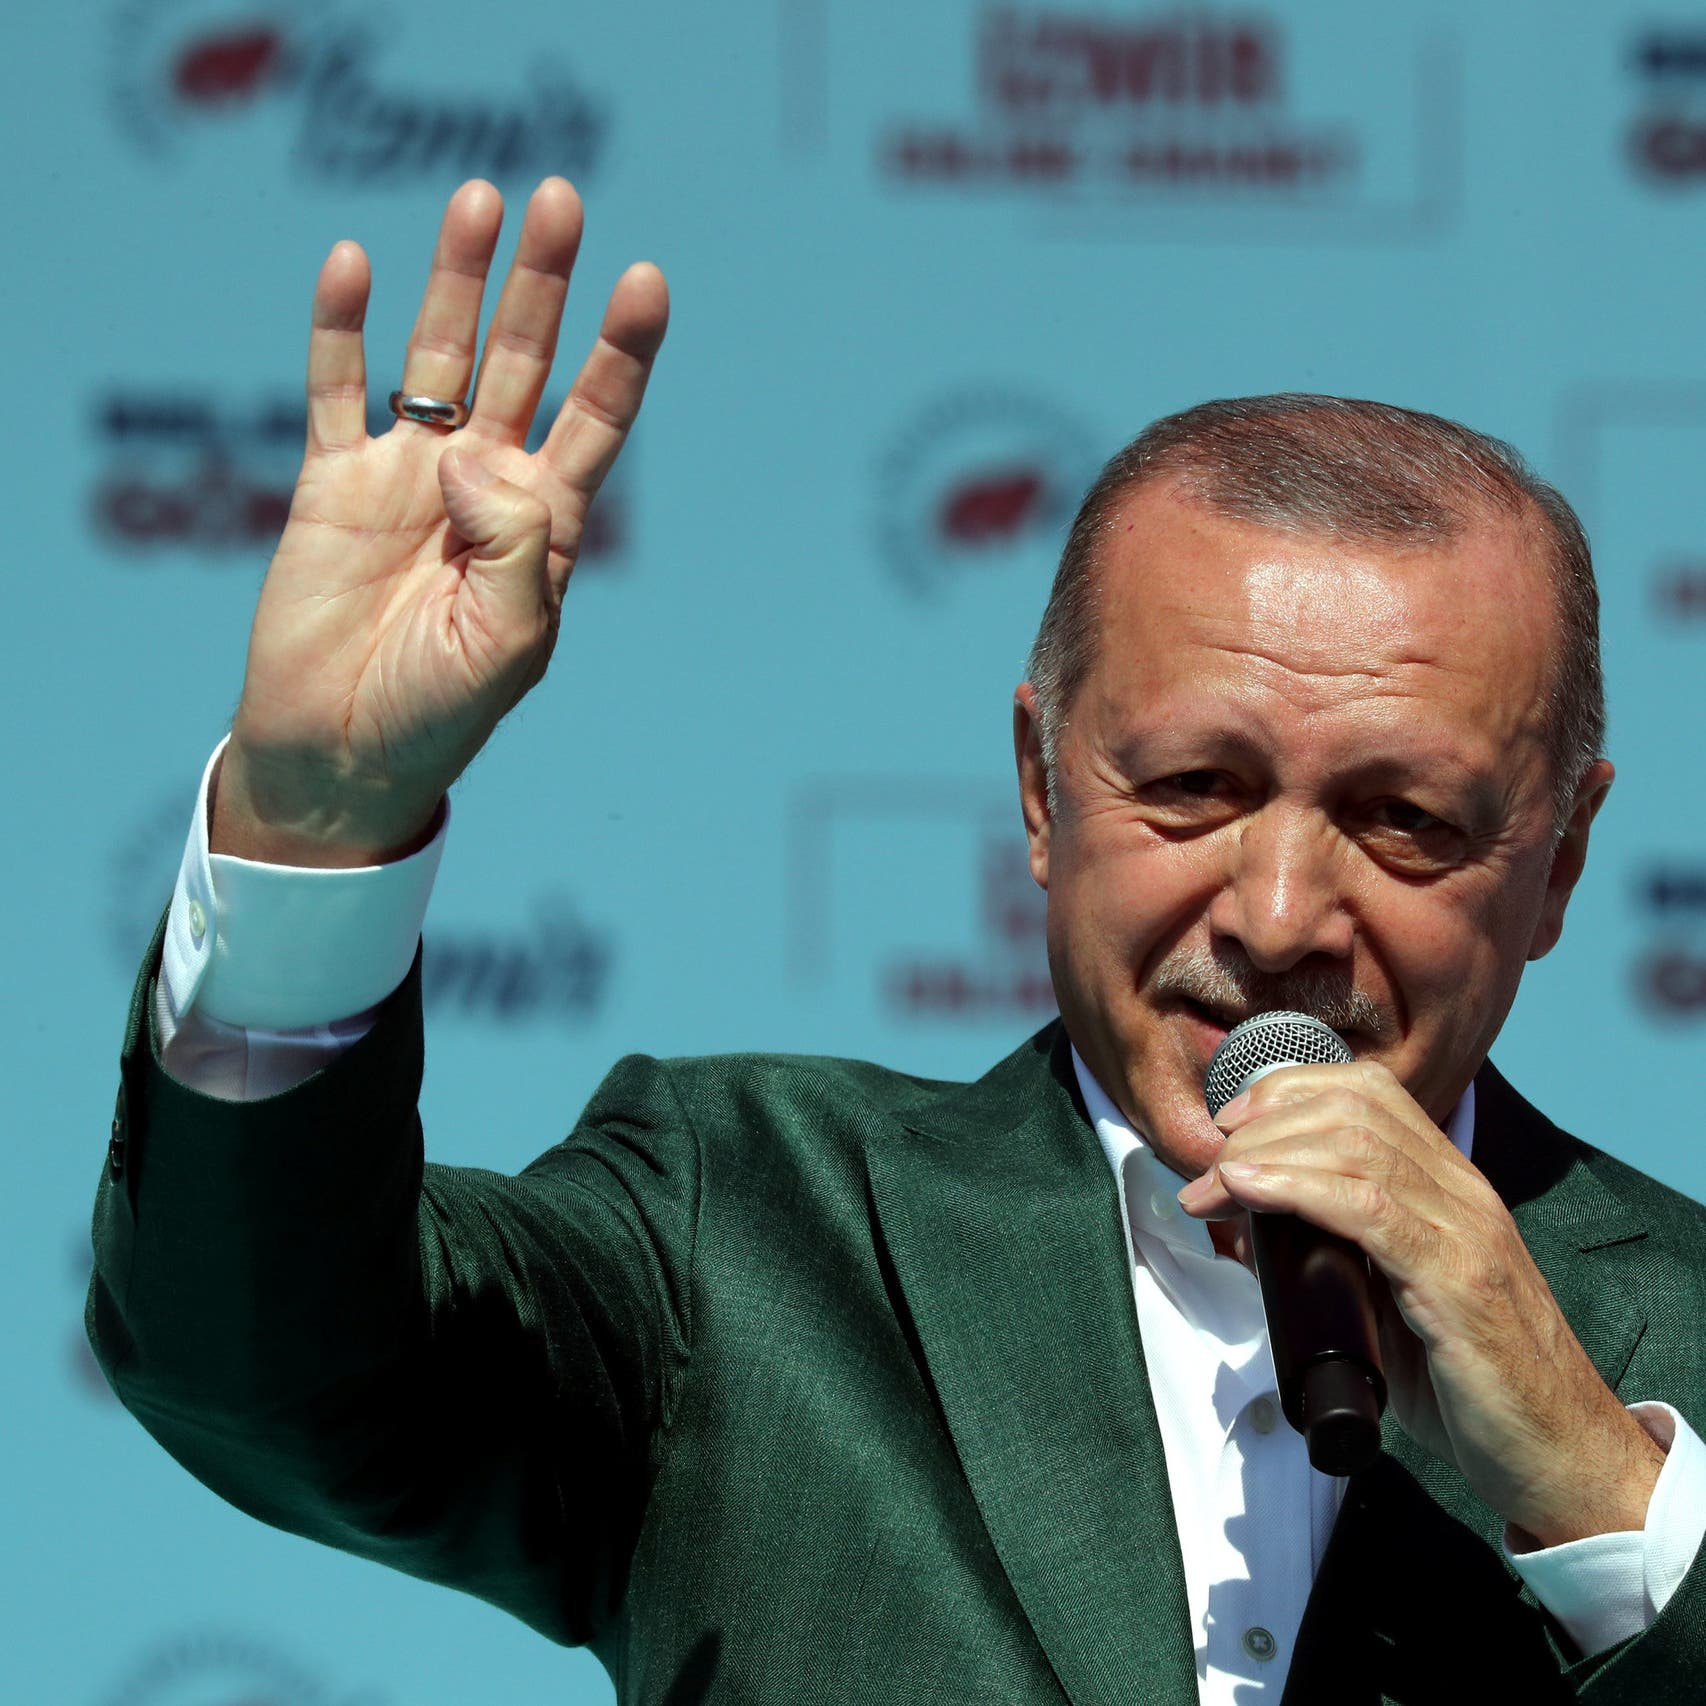 أردوغان يعرض فيديو المسجد الدامي.. وانتقادات لاذعة